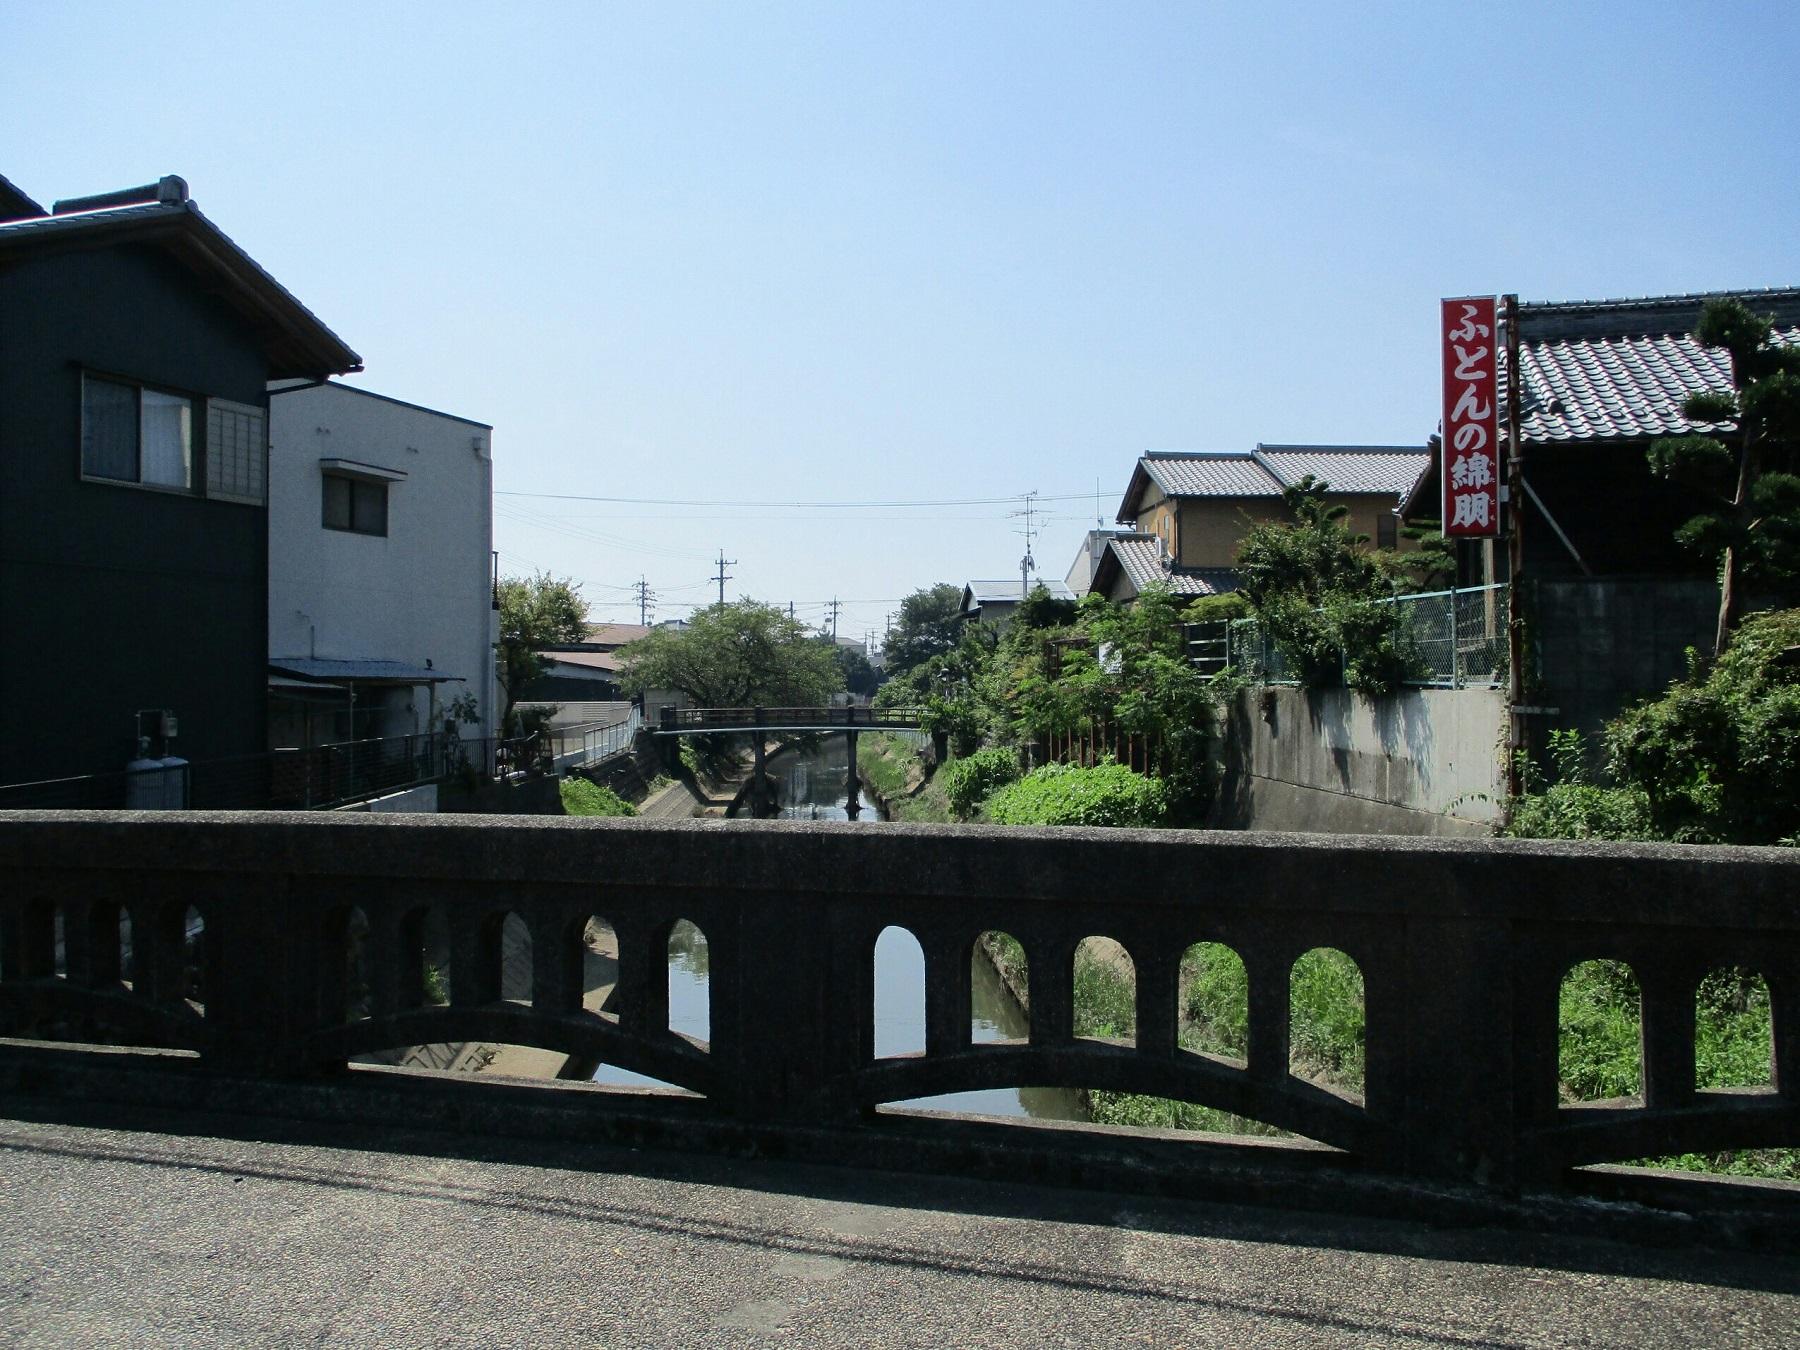 2018.7.18 (61) 竹鼻 - 昭和橋(逆川) 1800-1350